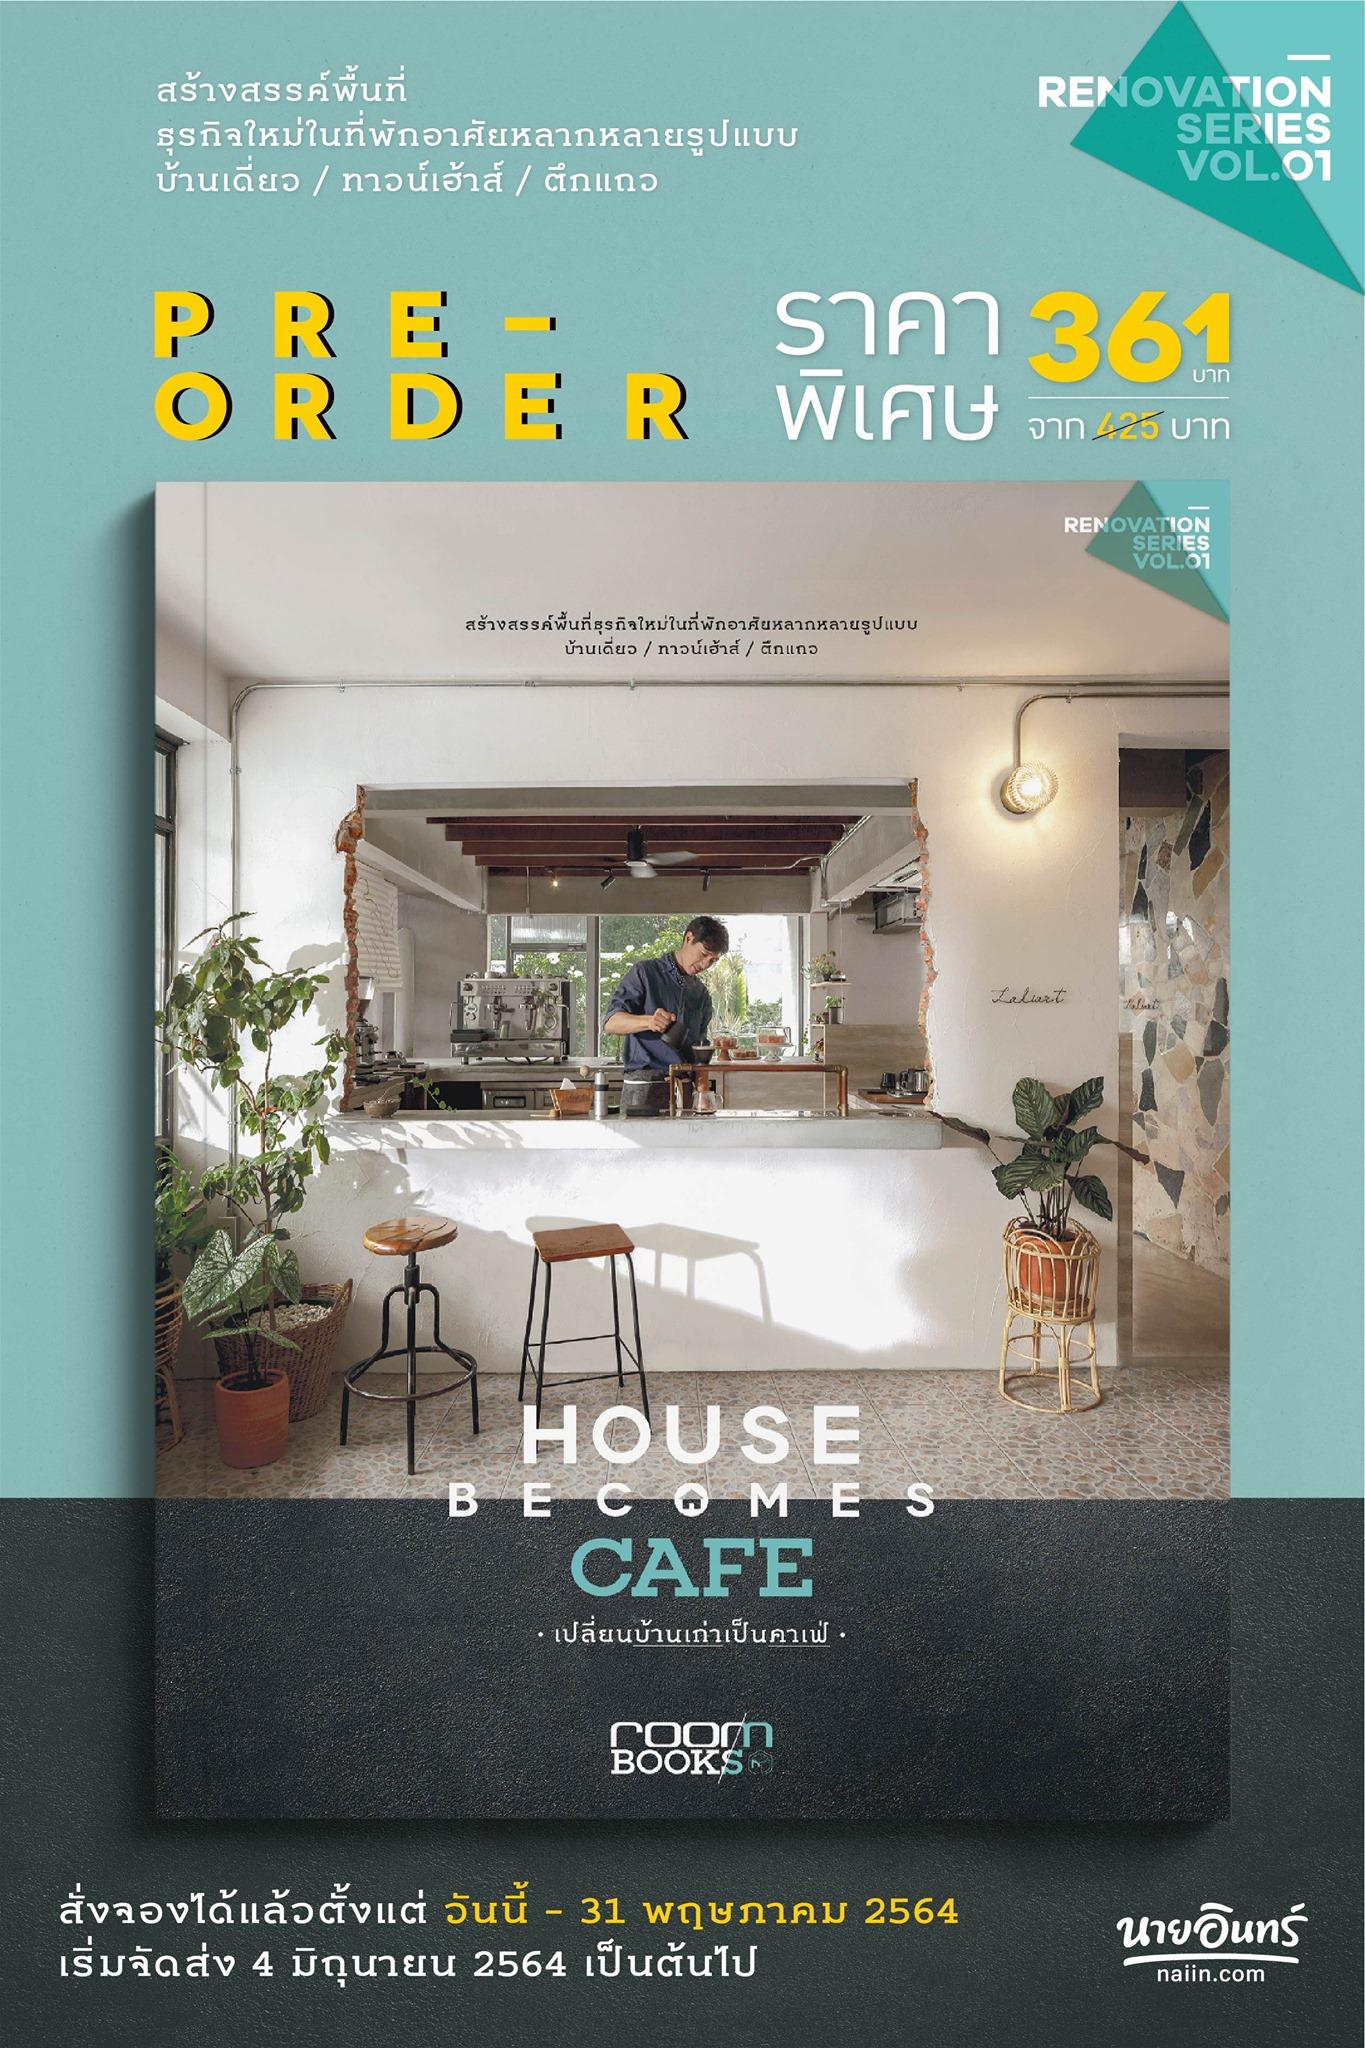 House Becomes Café